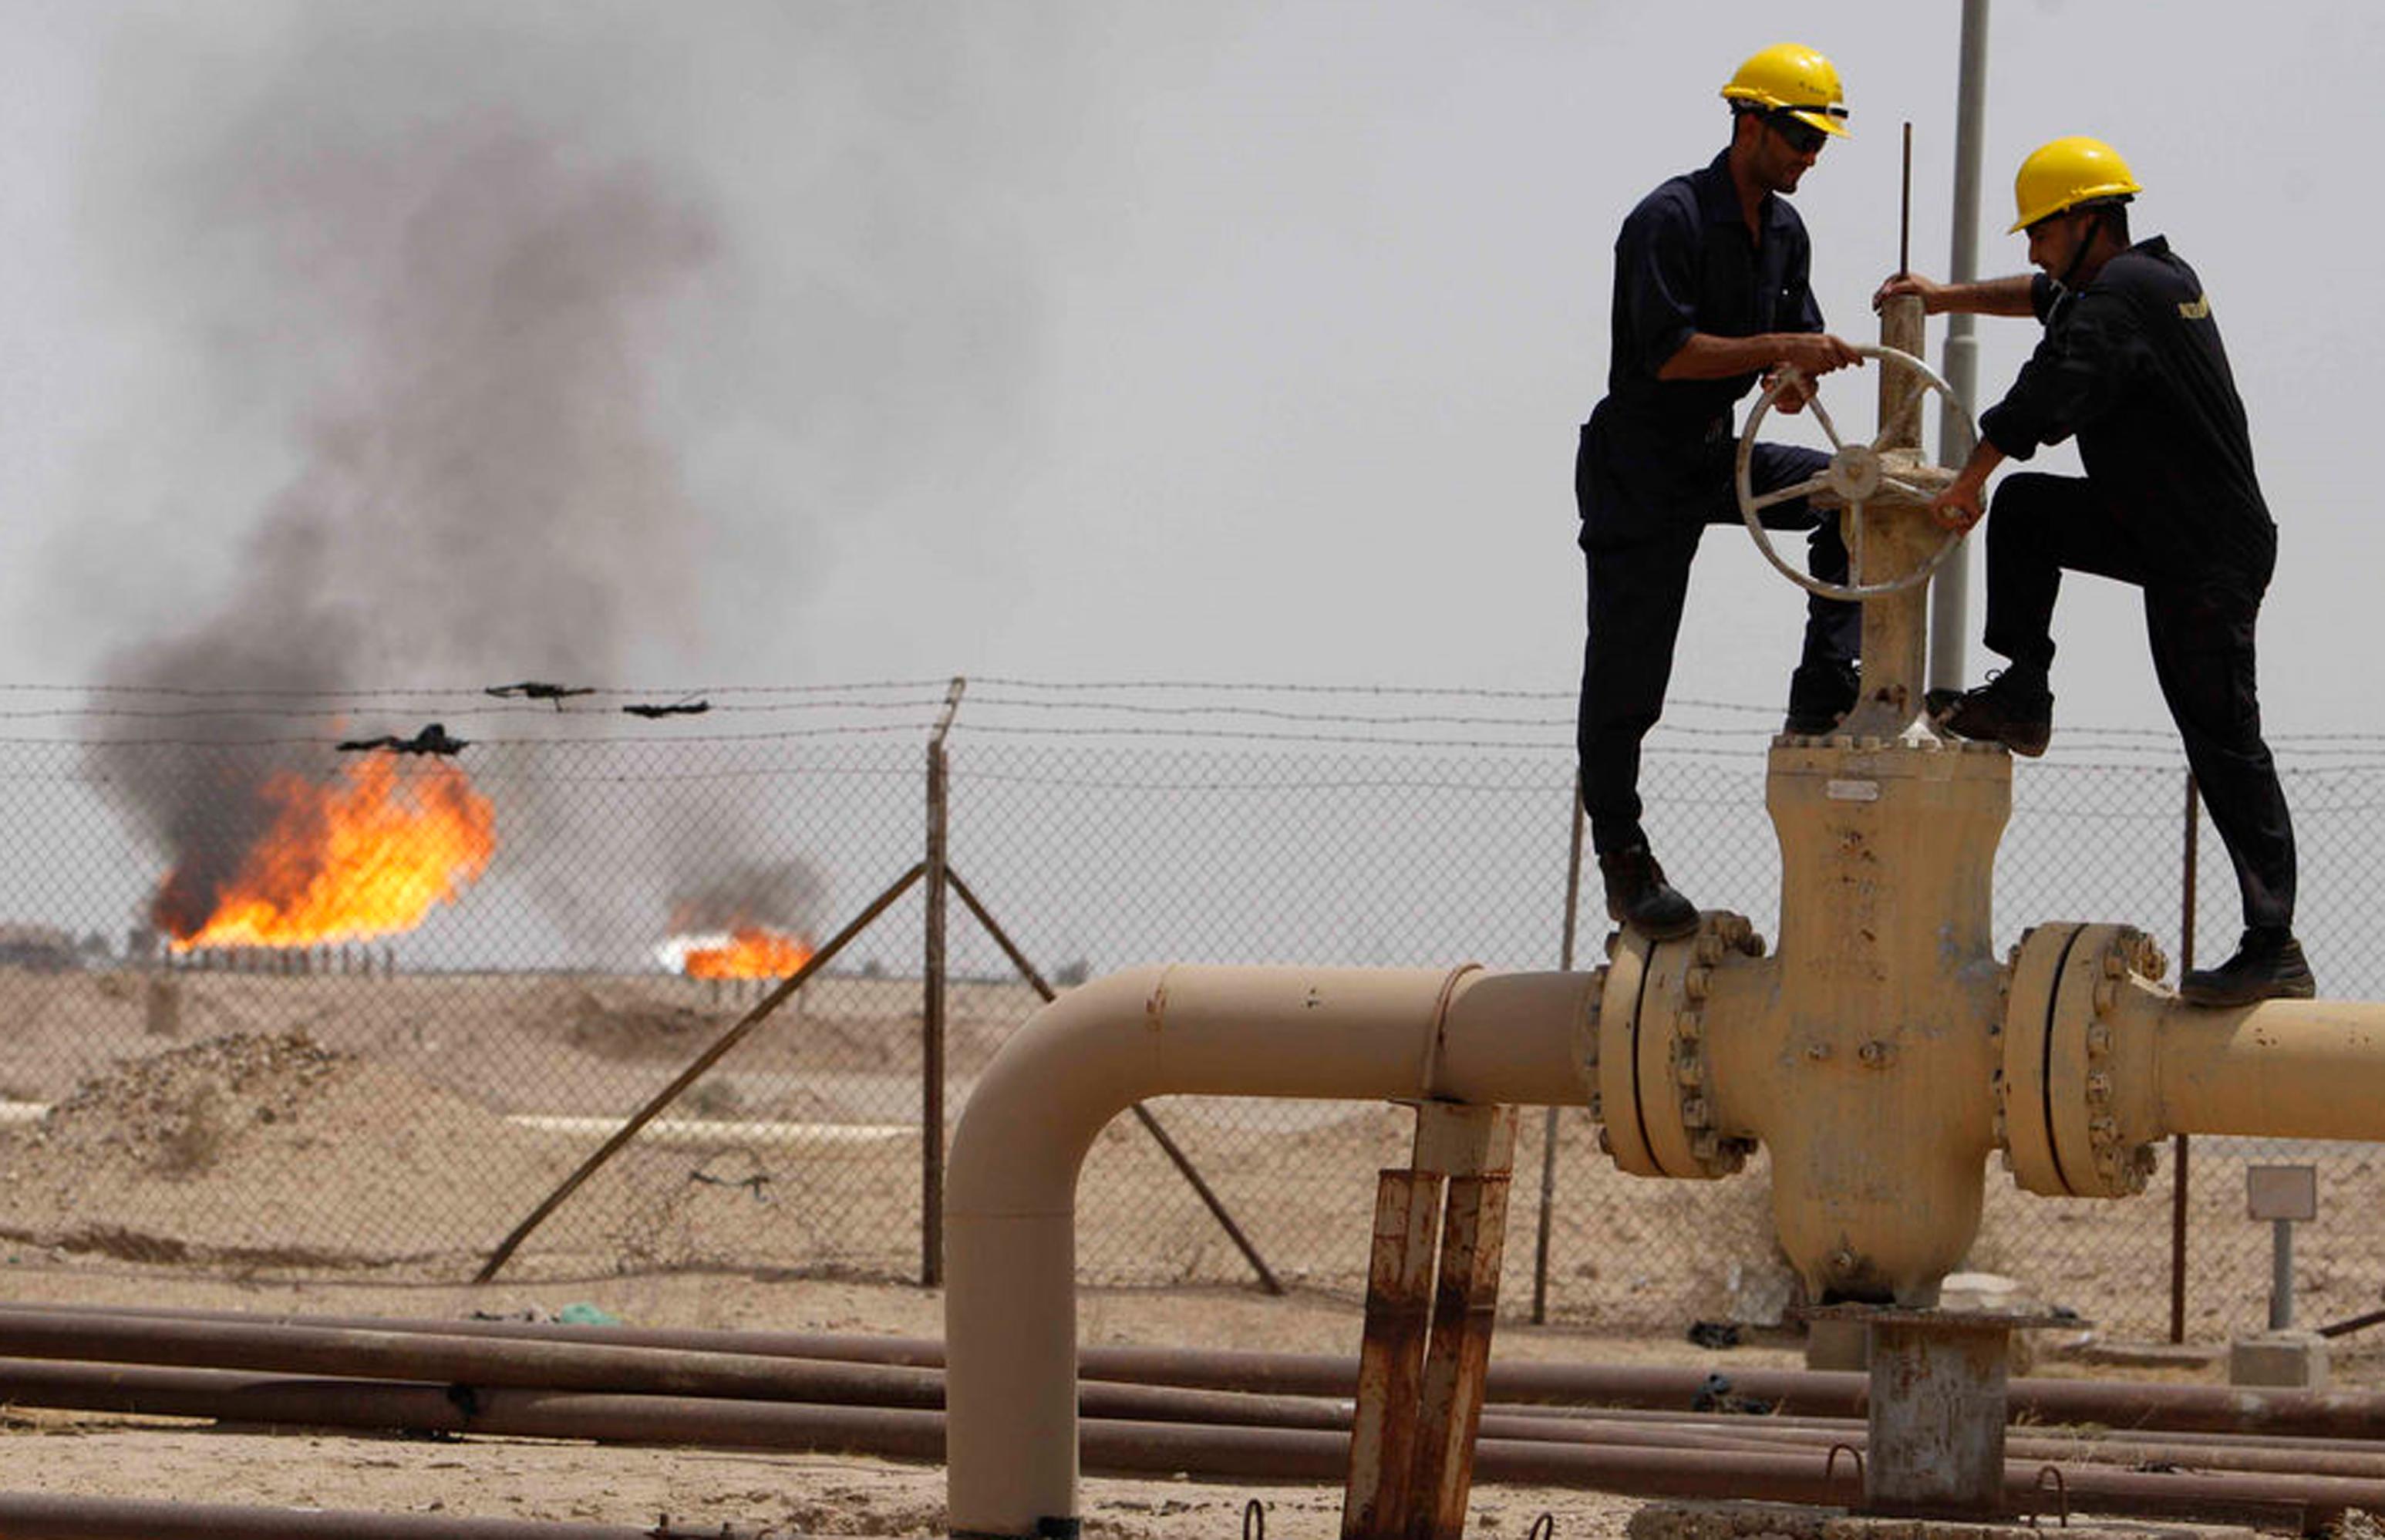 أسعار النفط الخام تنتعش بعد زيادة الطلب على وقود التدفئة